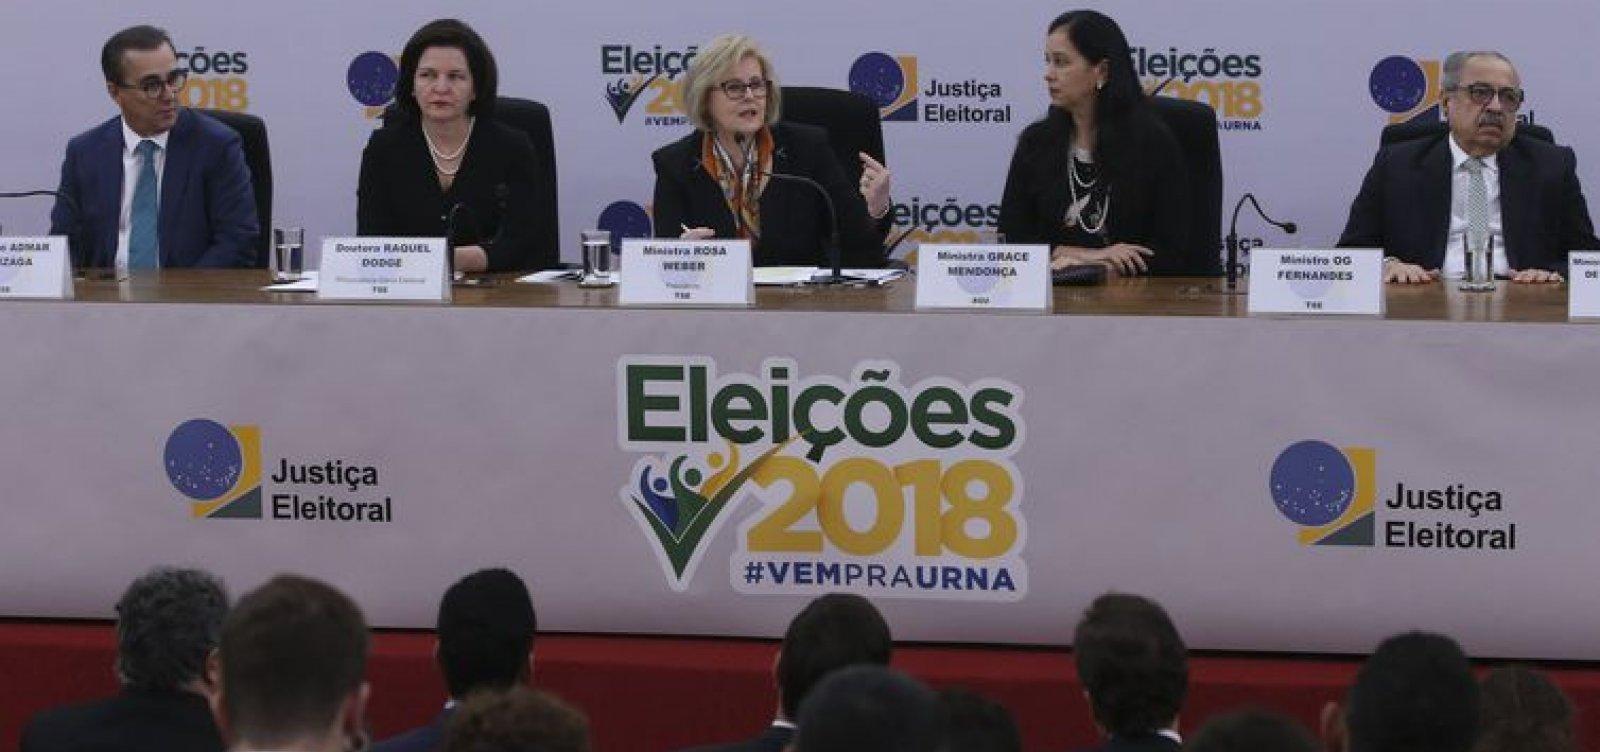 Presidente do Tribunal Superior Eleitoral nega fraude em urnas: 'Total confiança'